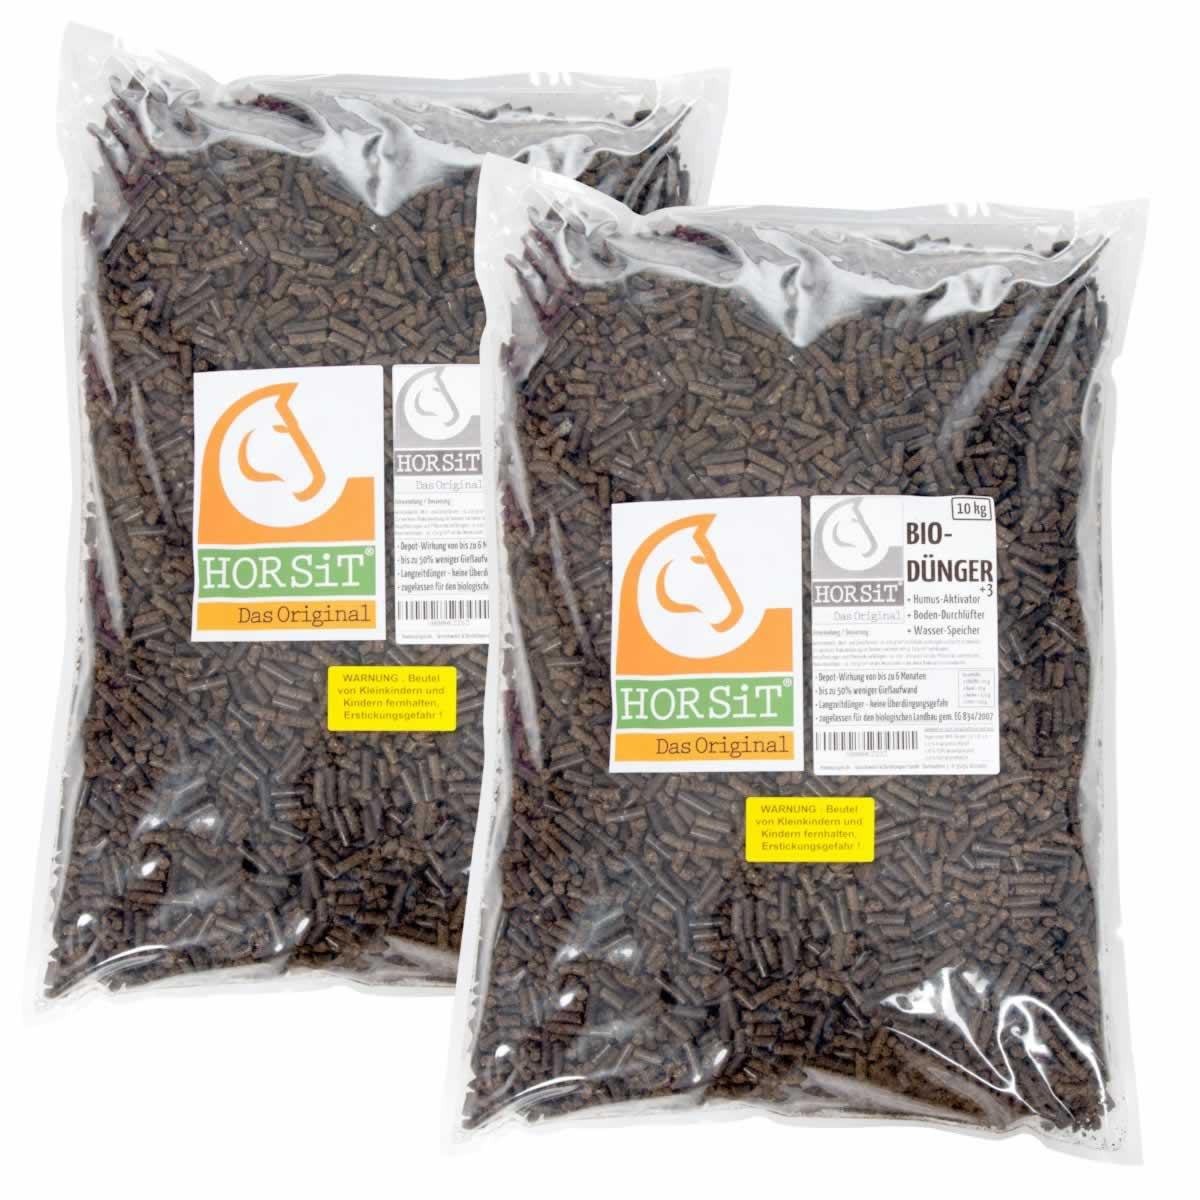 horsit 20kg biod nger pellets aus pferdedung bio d nger. Black Bedroom Furniture Sets. Home Design Ideas